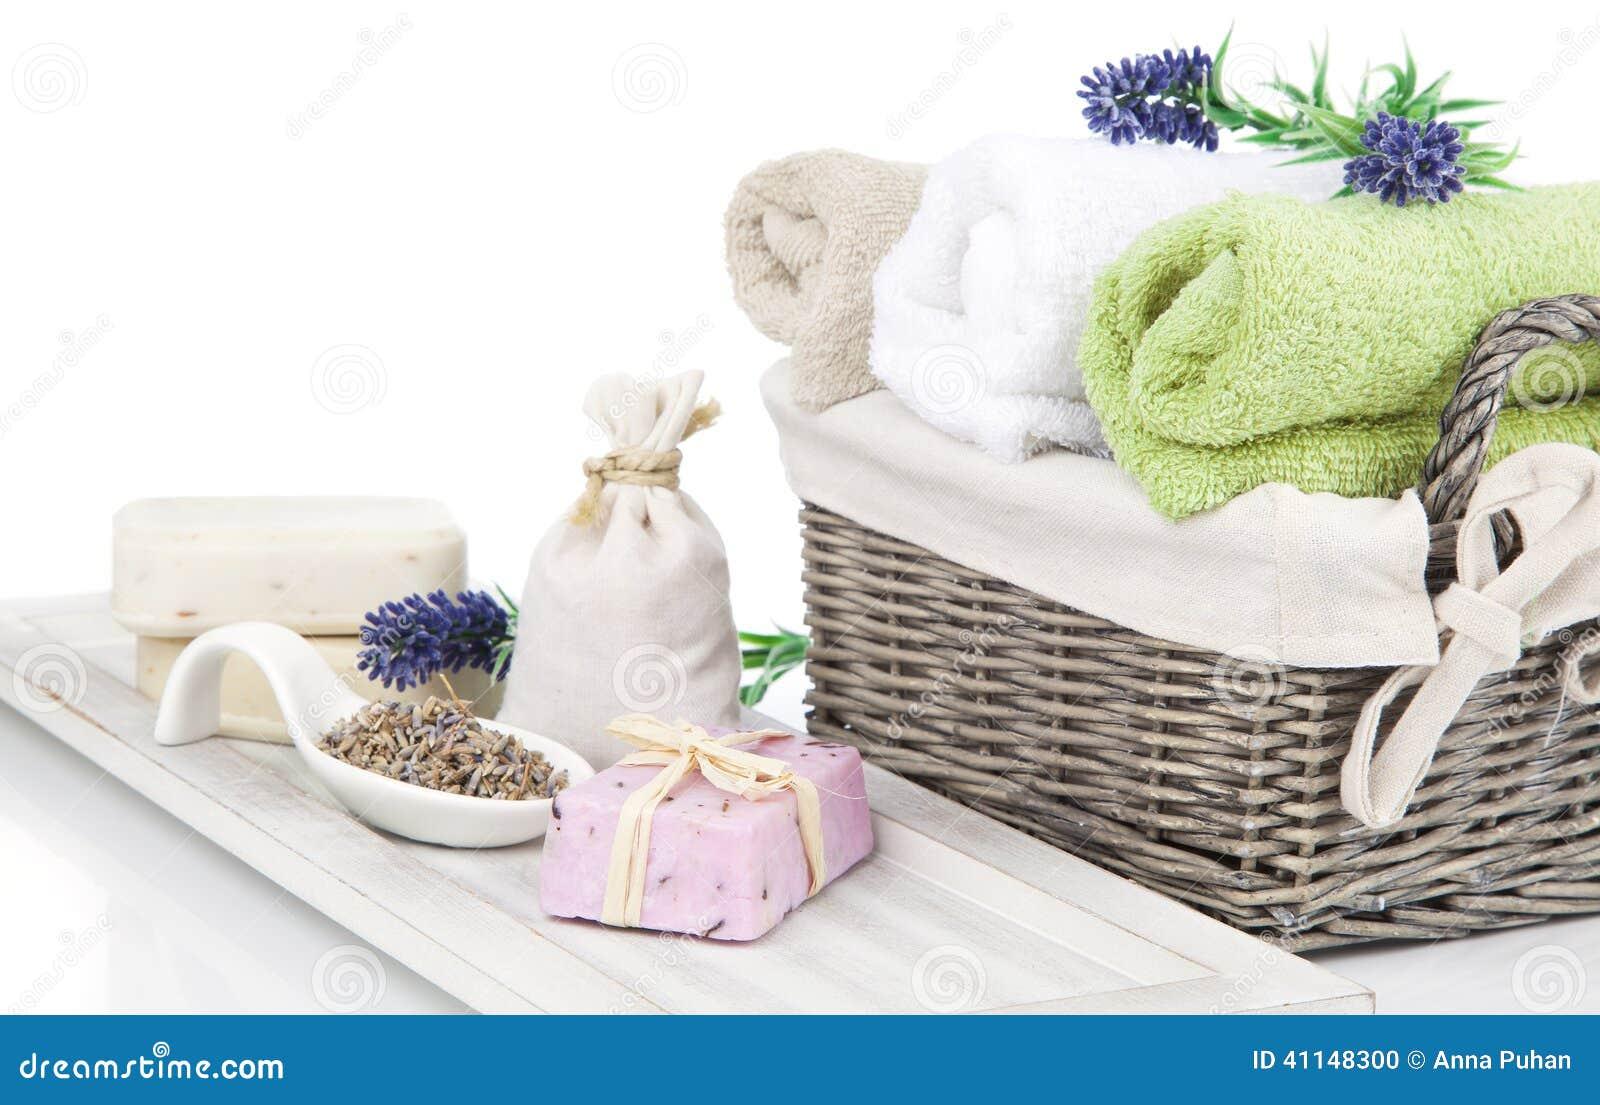 Articles de toilette pour la relaxation